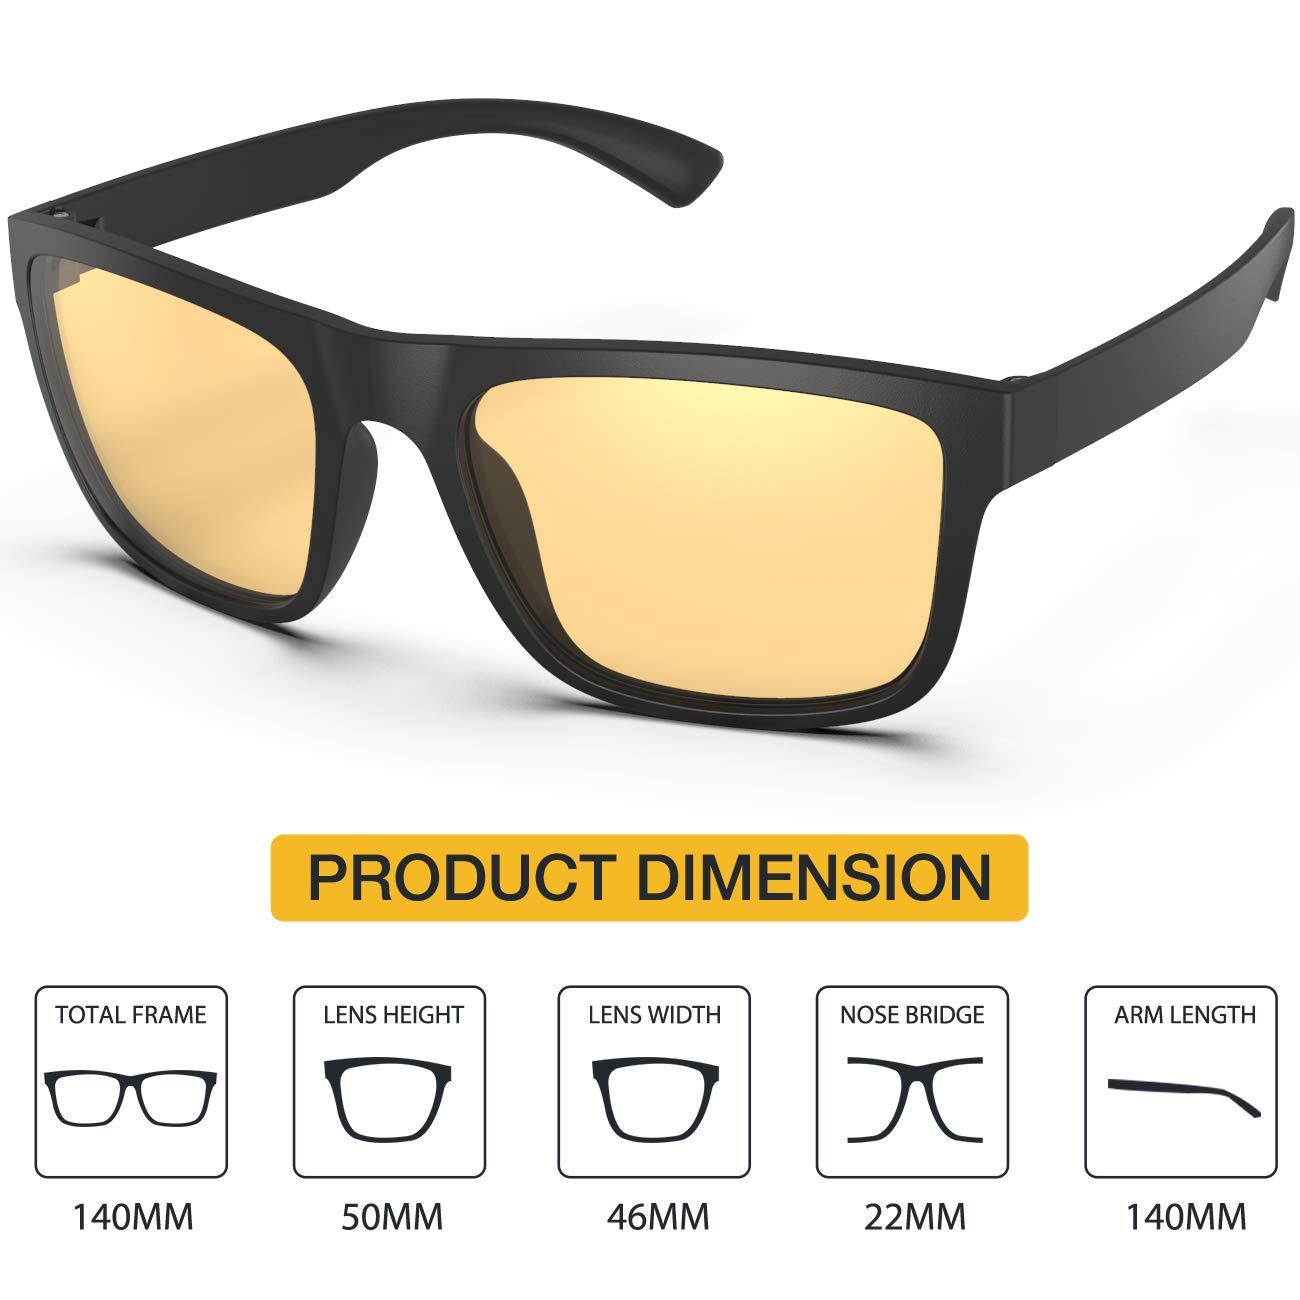 Avoalre Gafas Anti luz Azul para Ordenador Amarillo Gafas Cuadradas Unisex Ligeras para Hombre y Mujer de Oficina, Antifatiga y contra el Cansancio Ocular ...